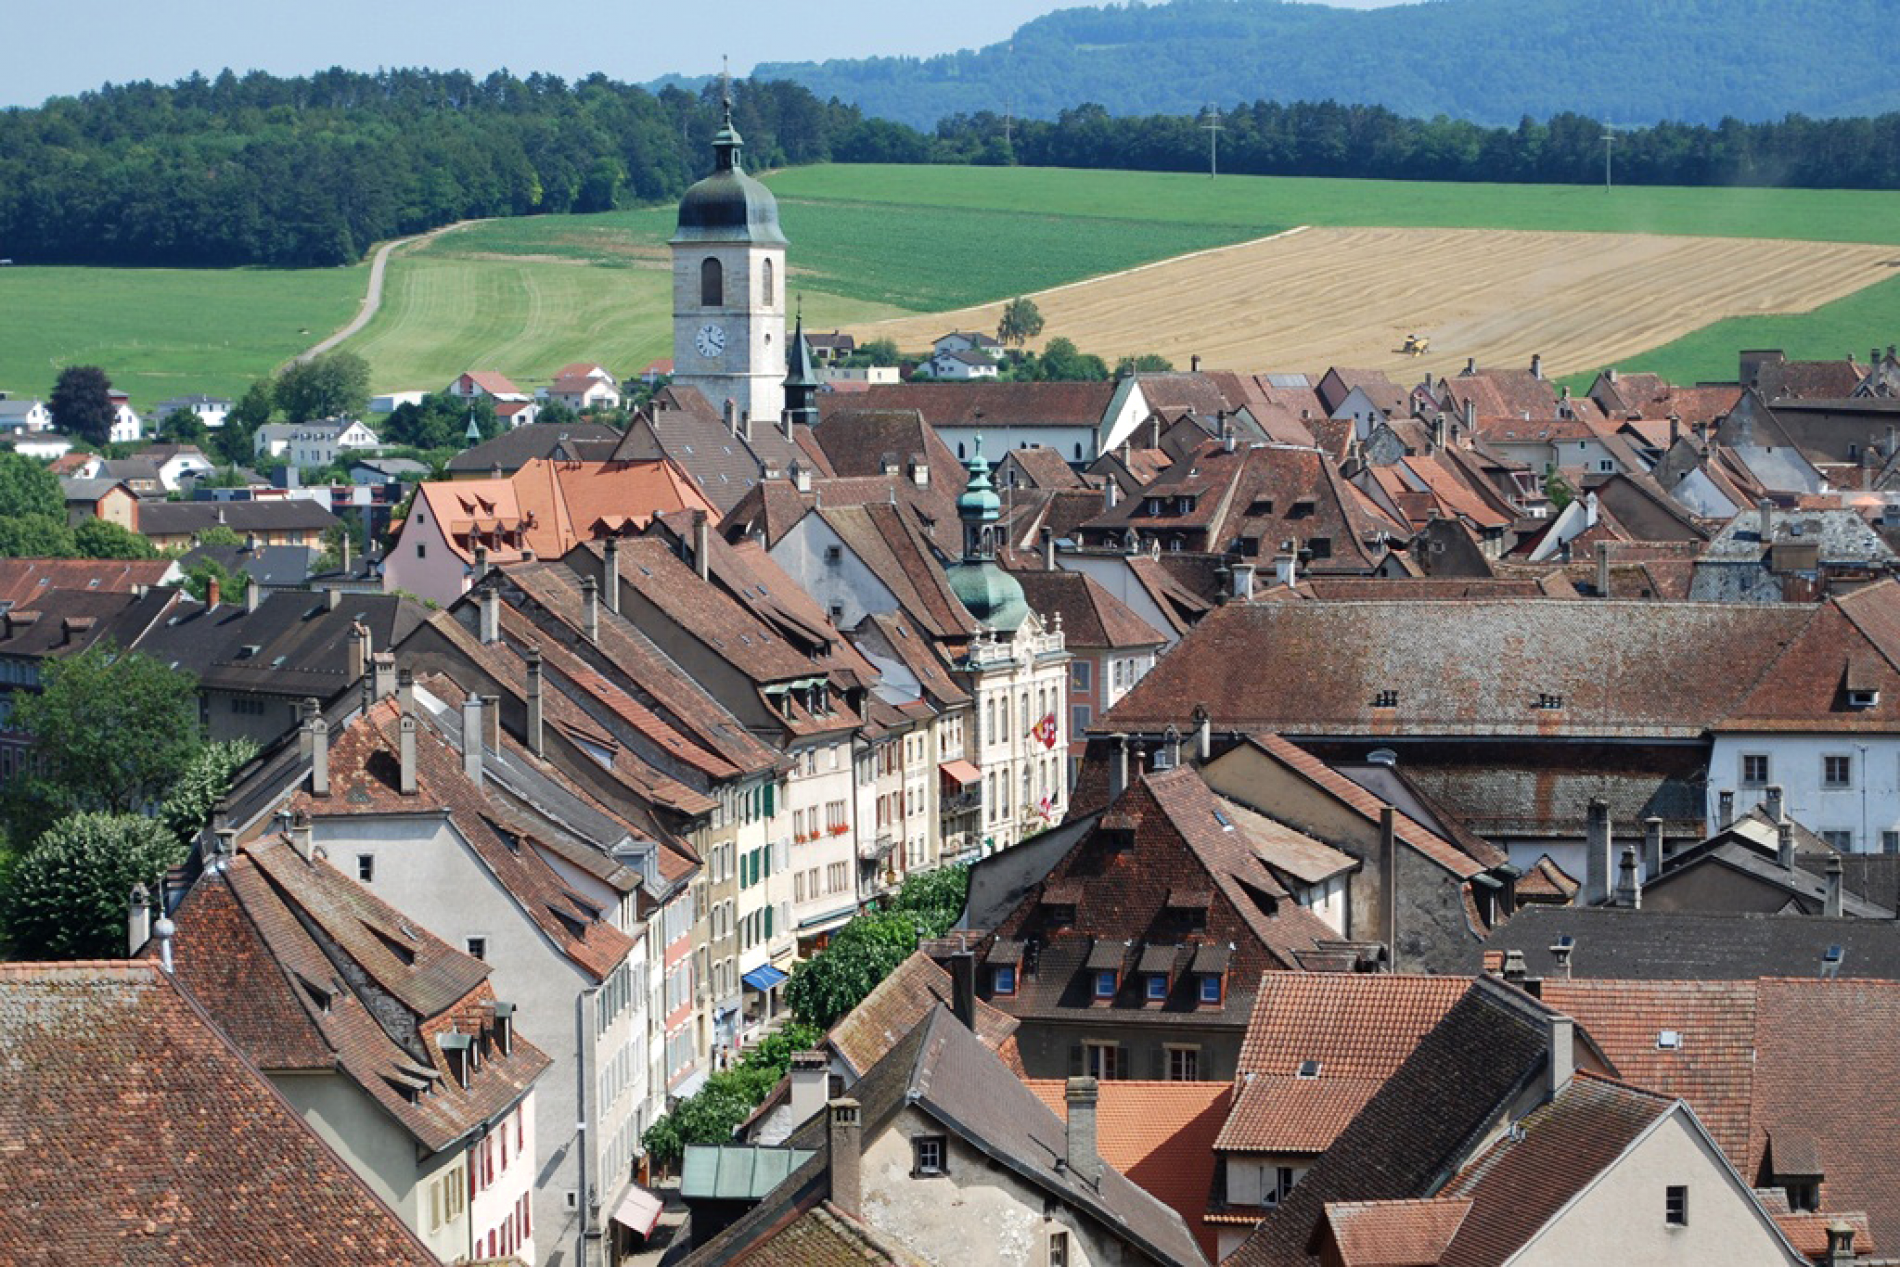 Suisse – Finances locales: Huit communes jurassiennes valident leurs comptes 2018